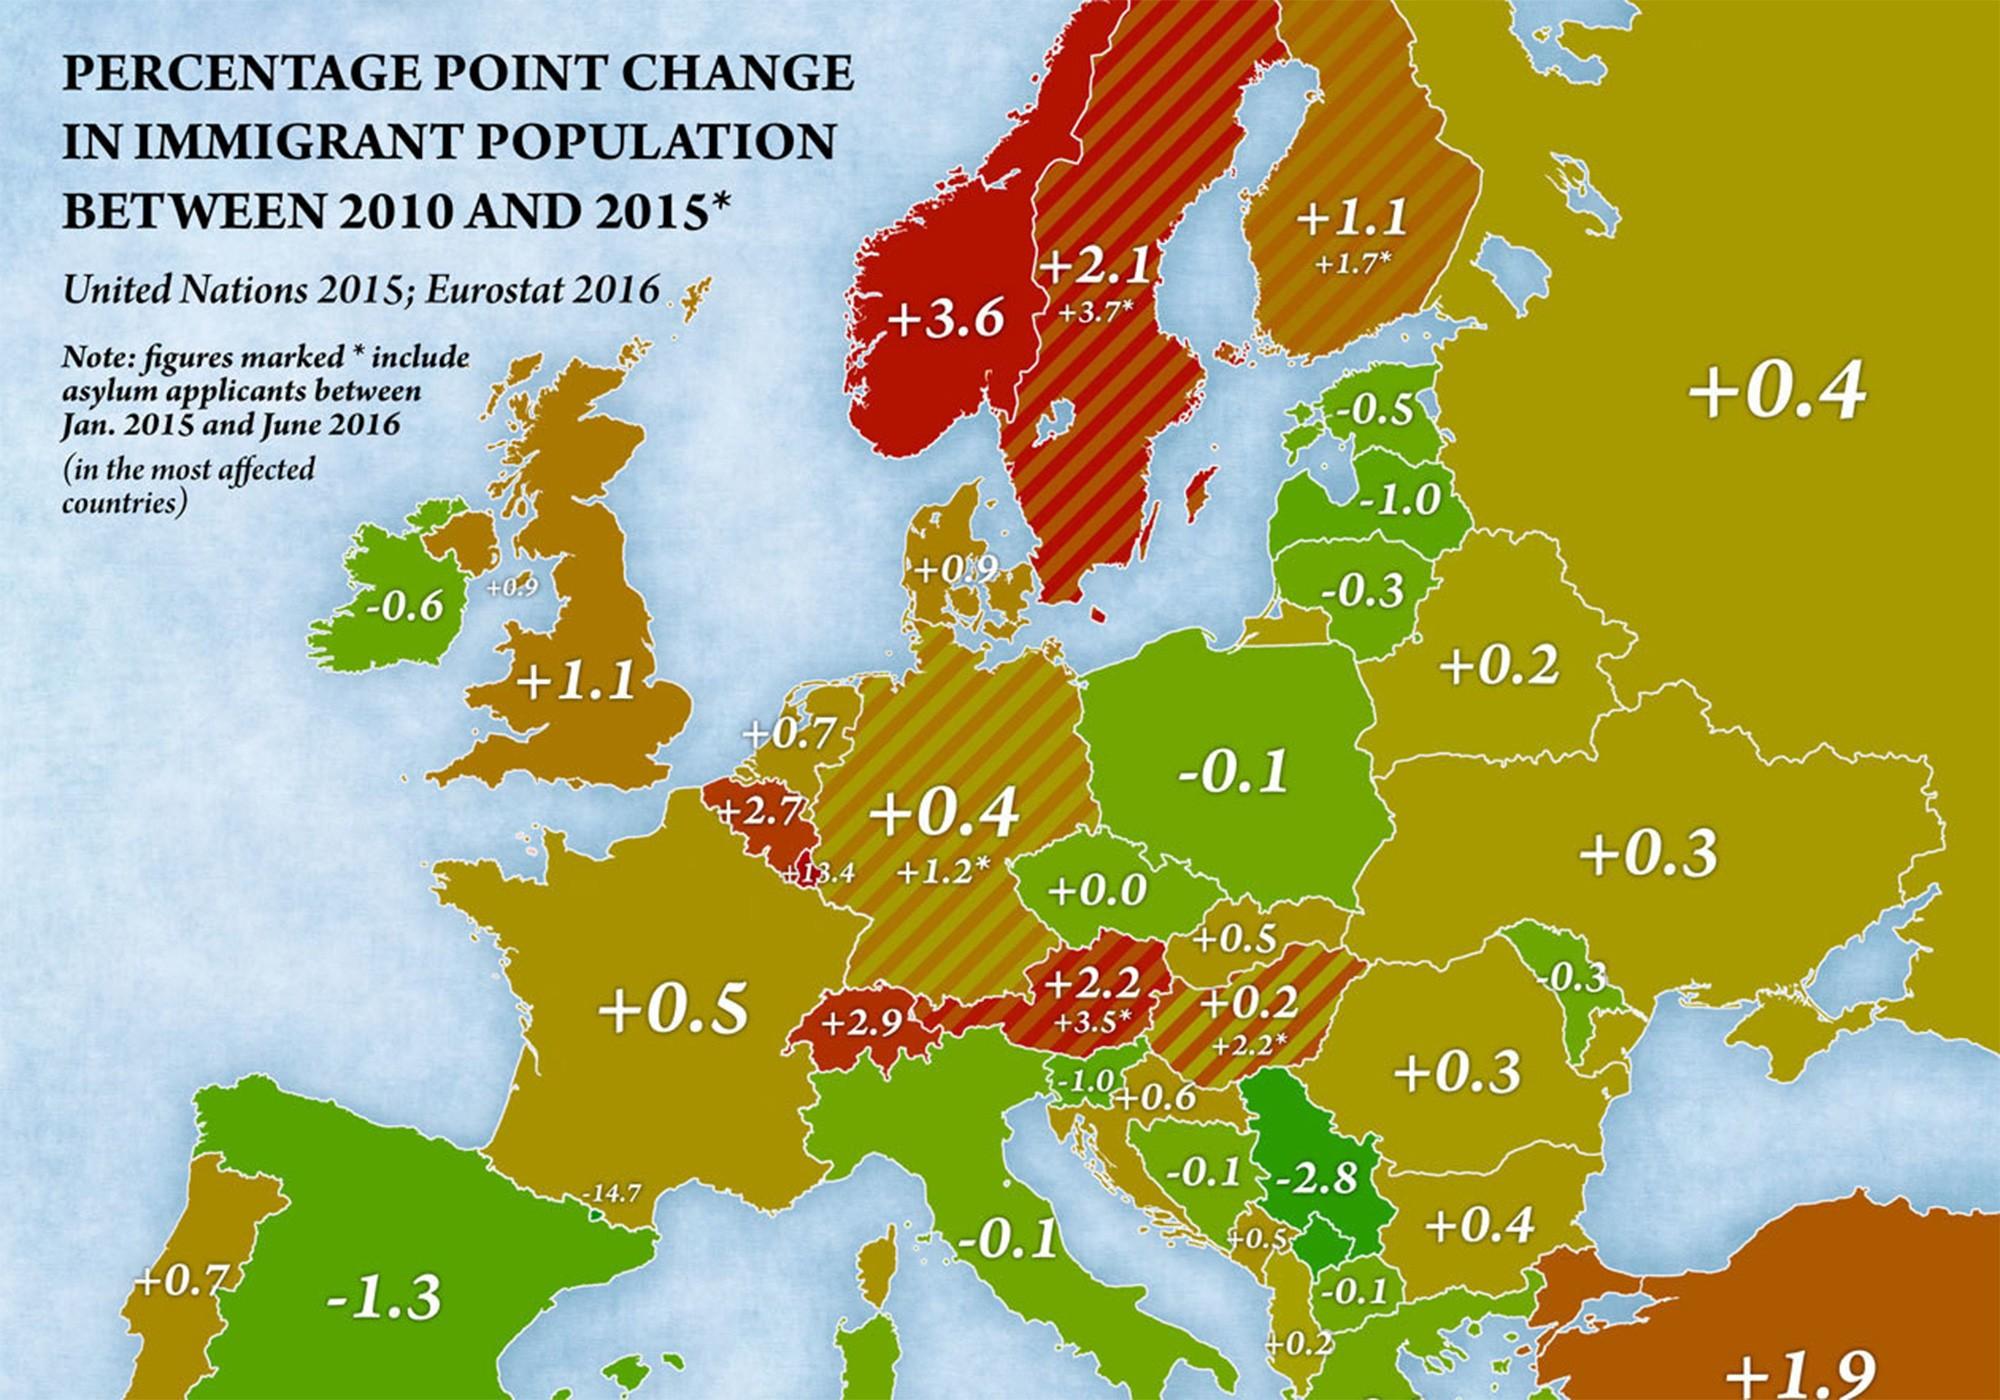 Norge har hatt den høyeste veksten i innvandring i Europa de siste årene, og er i ferd med å bli en av landene med høyest innvandrerbefolkning. Oppdaterte SSB-tall viser at veksten har økt videre i 2016 til 5,5% poeng.